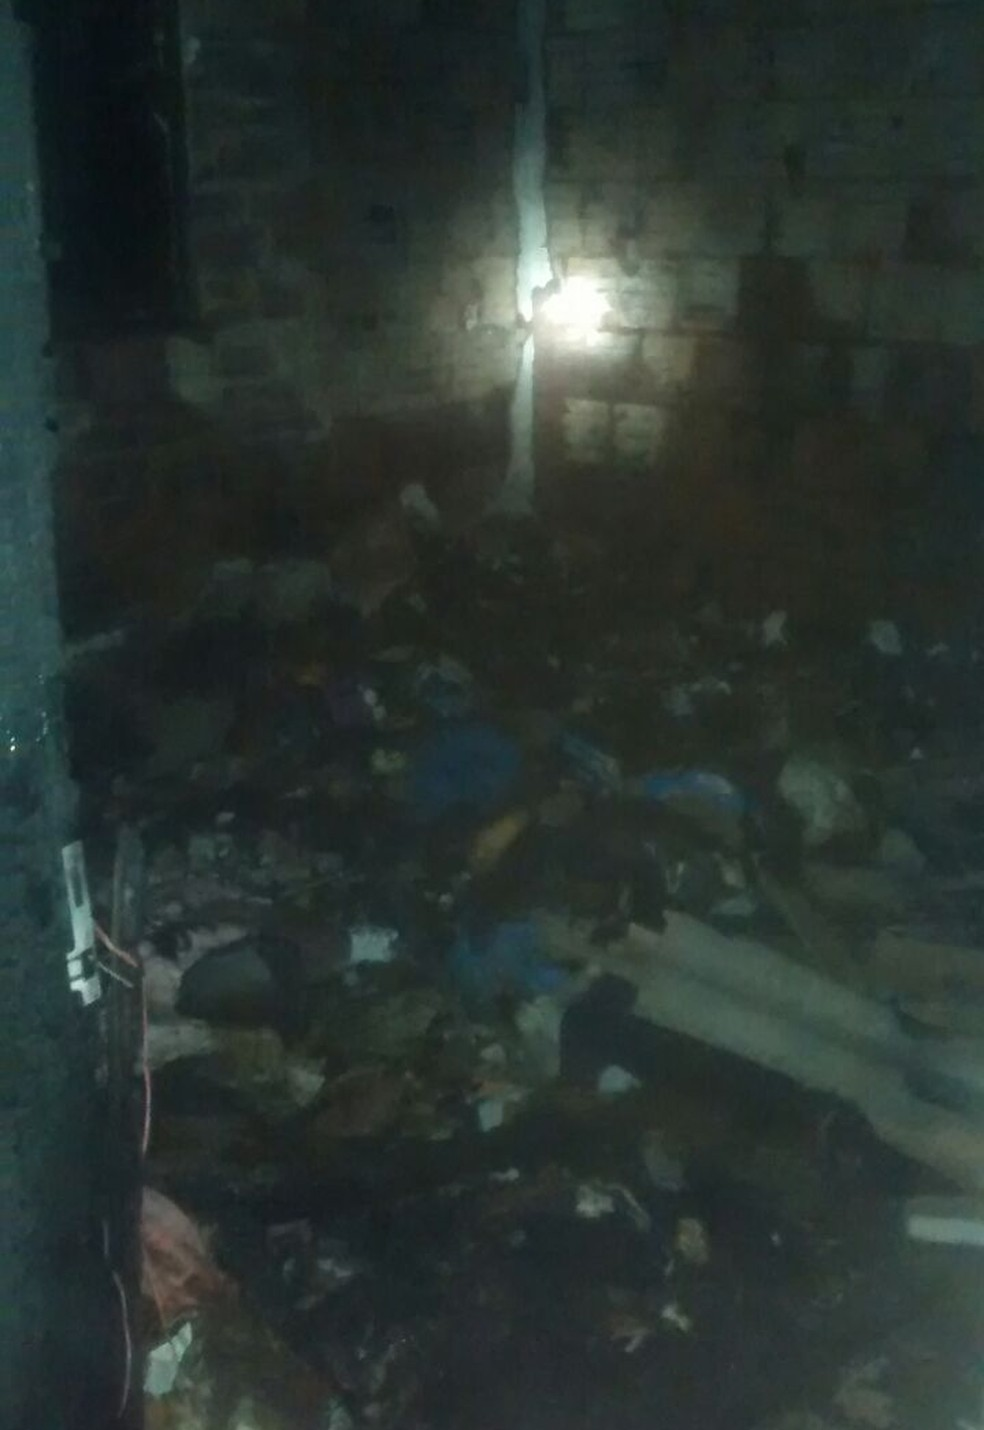 Suspeito ateou fogo em mulher e as chamas se espalharam pelos cômodos de residência em Lins (Foto: Arquivo Pessoal)